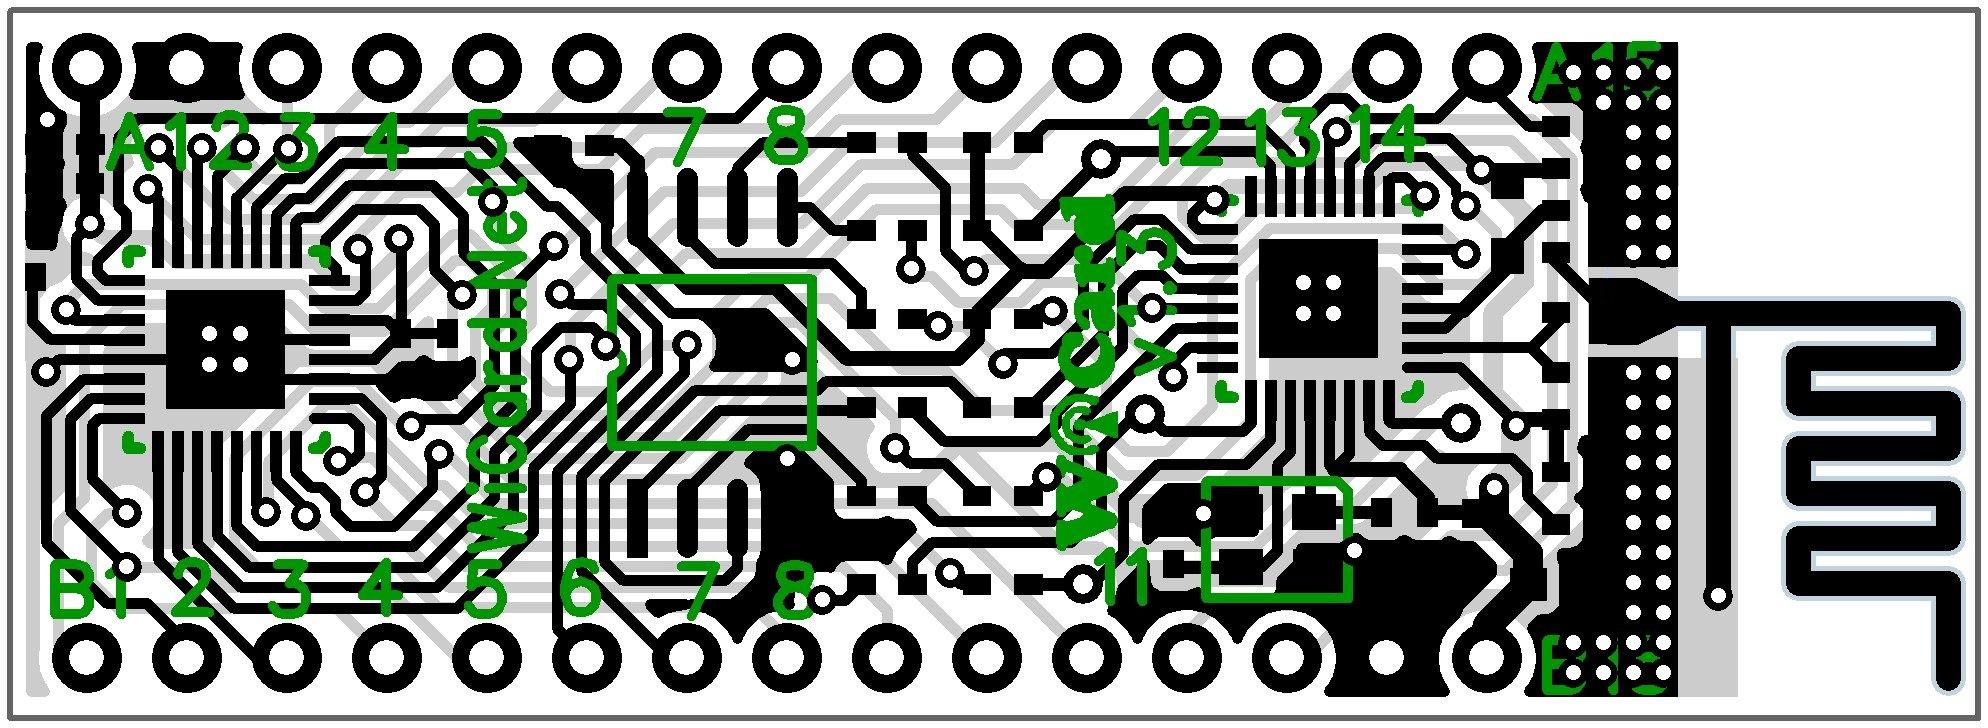 wicard programmable wifi module 4